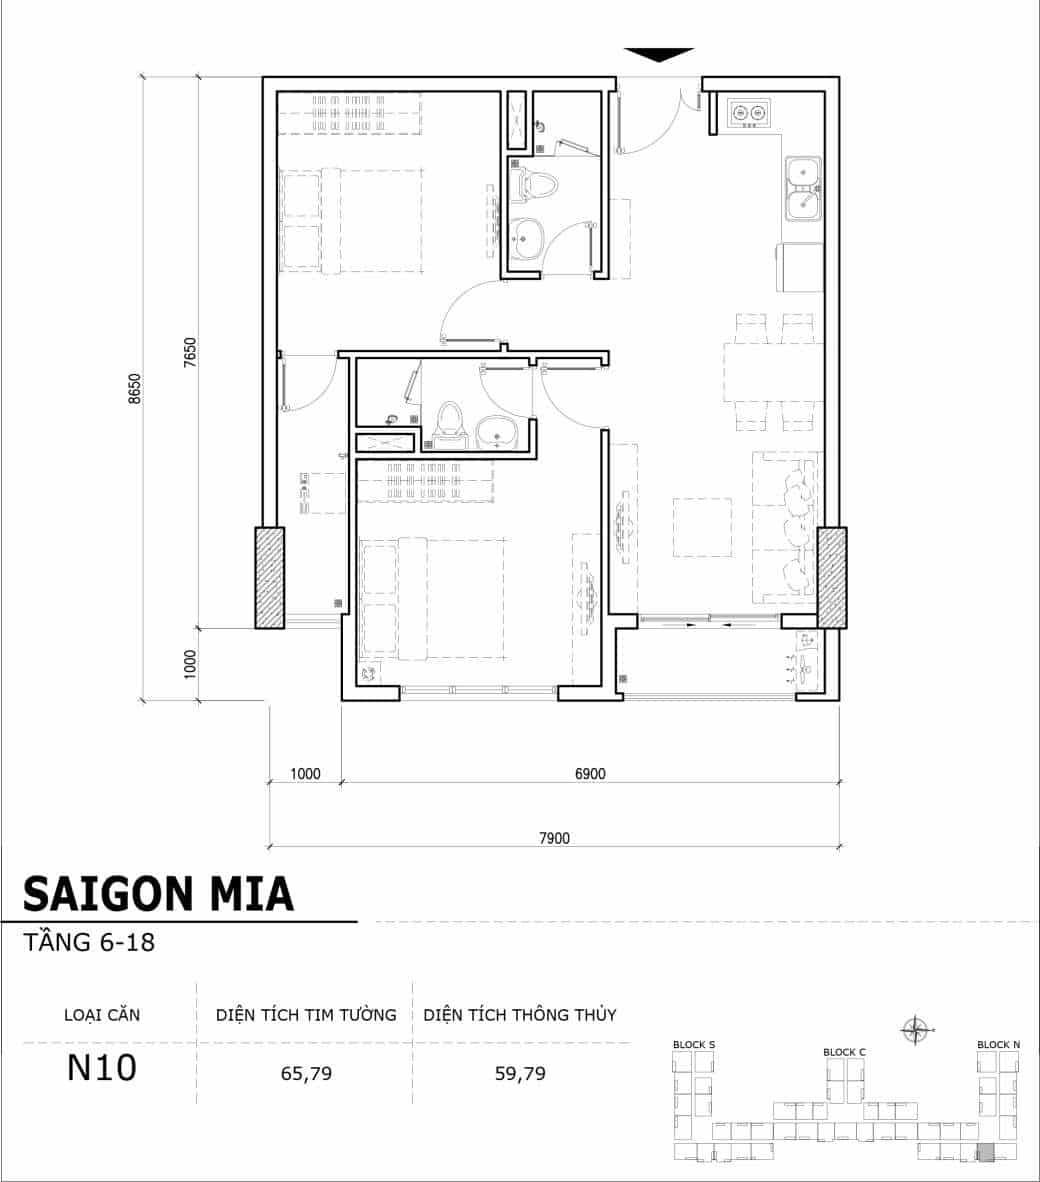 Chi tiết thiết kế căn hộ điển hình tầng 6-18 dự án Sài Gòn Mia - Căn N10